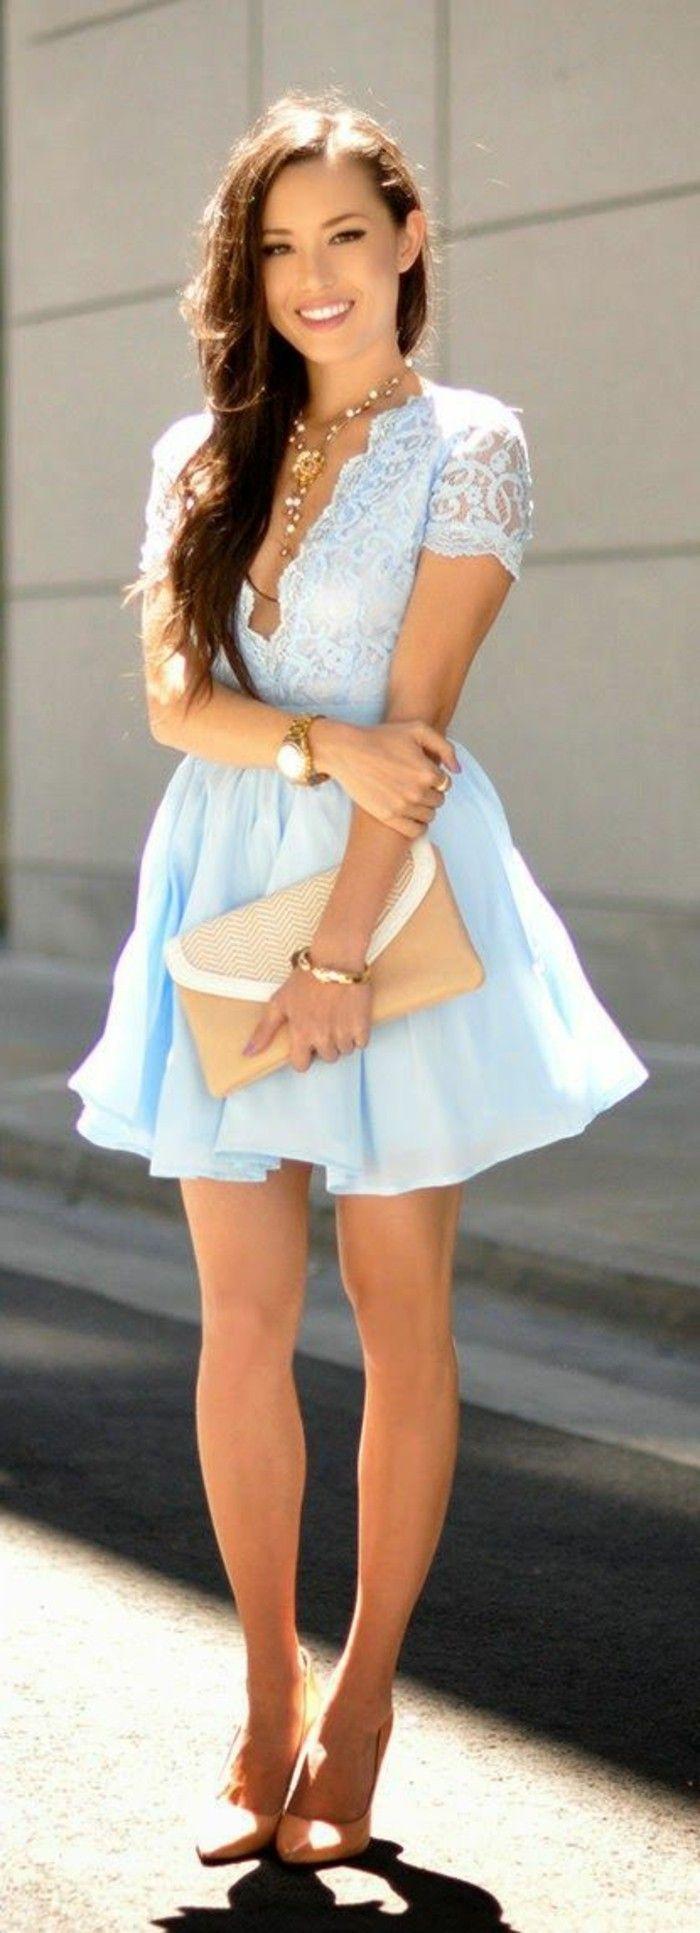 Jessica Ricks légèrement bronzée, souriante avec des cheveux de poitrine-longueur en une robe de soirée courte en dentelle bleu avec une décolleté profonde et manches courtes, escarpins nus, montre-bracelet d'or portante un embrayage taupe